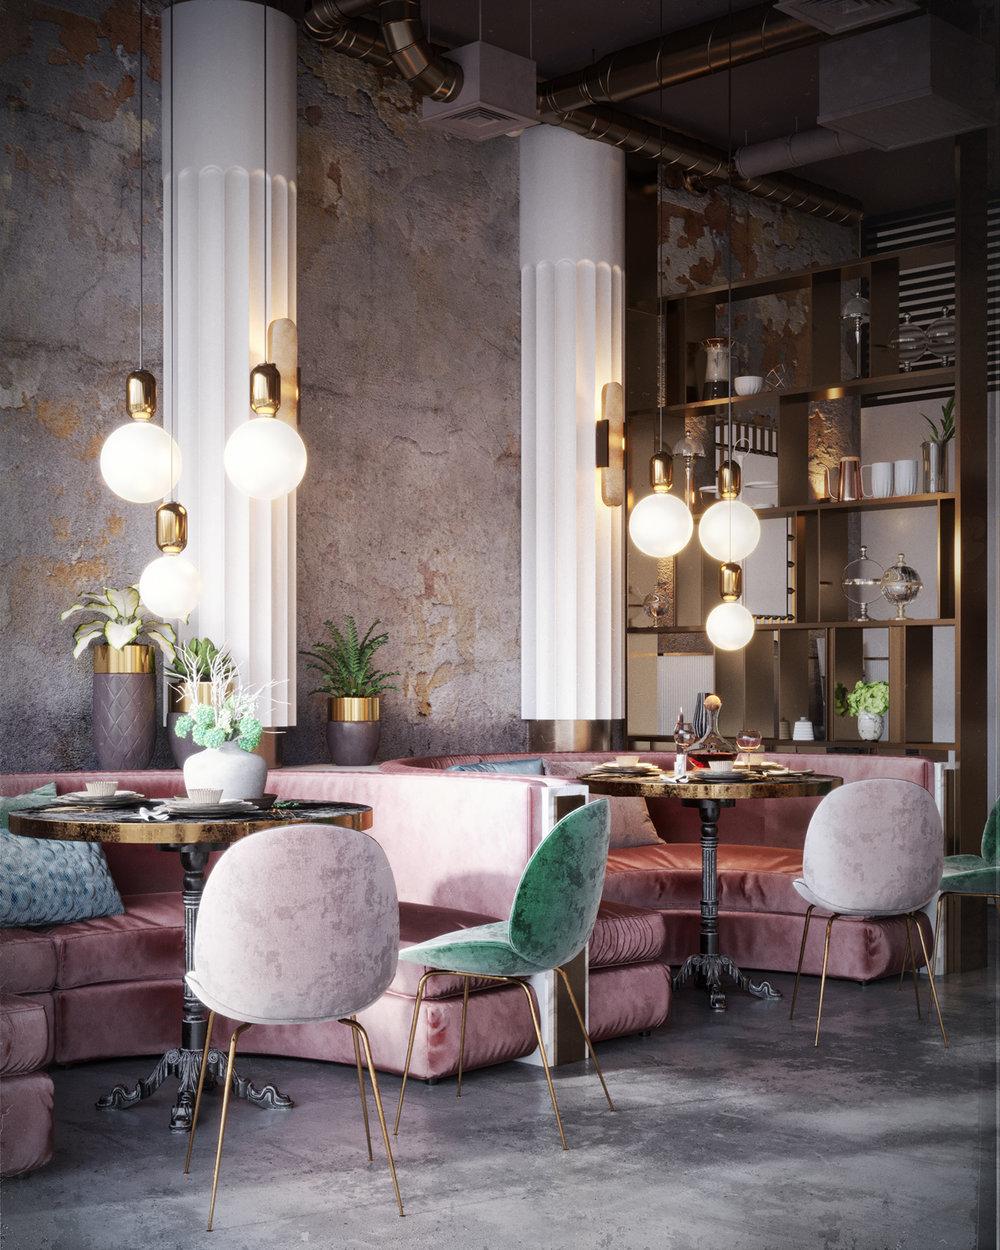 sillas de terciopelo rosas y verdes